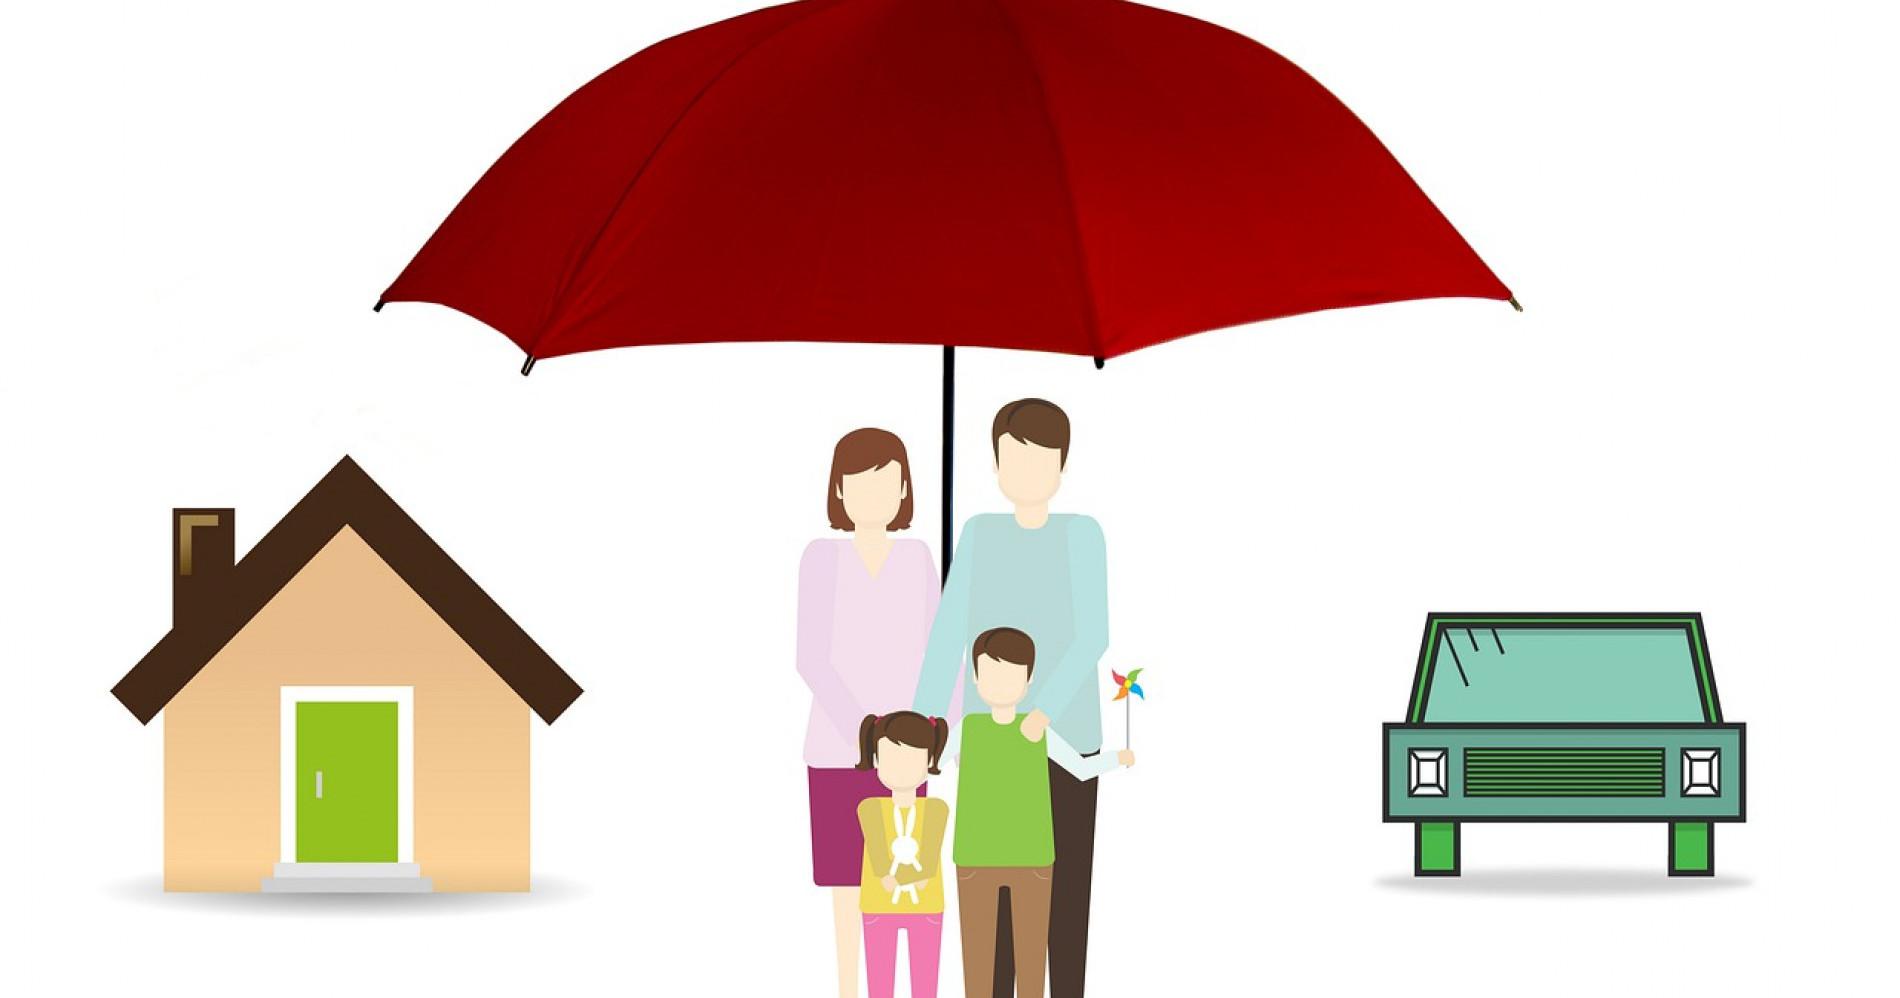 Mending beli rumah atau mobil (Sumber: Pixabay.com)